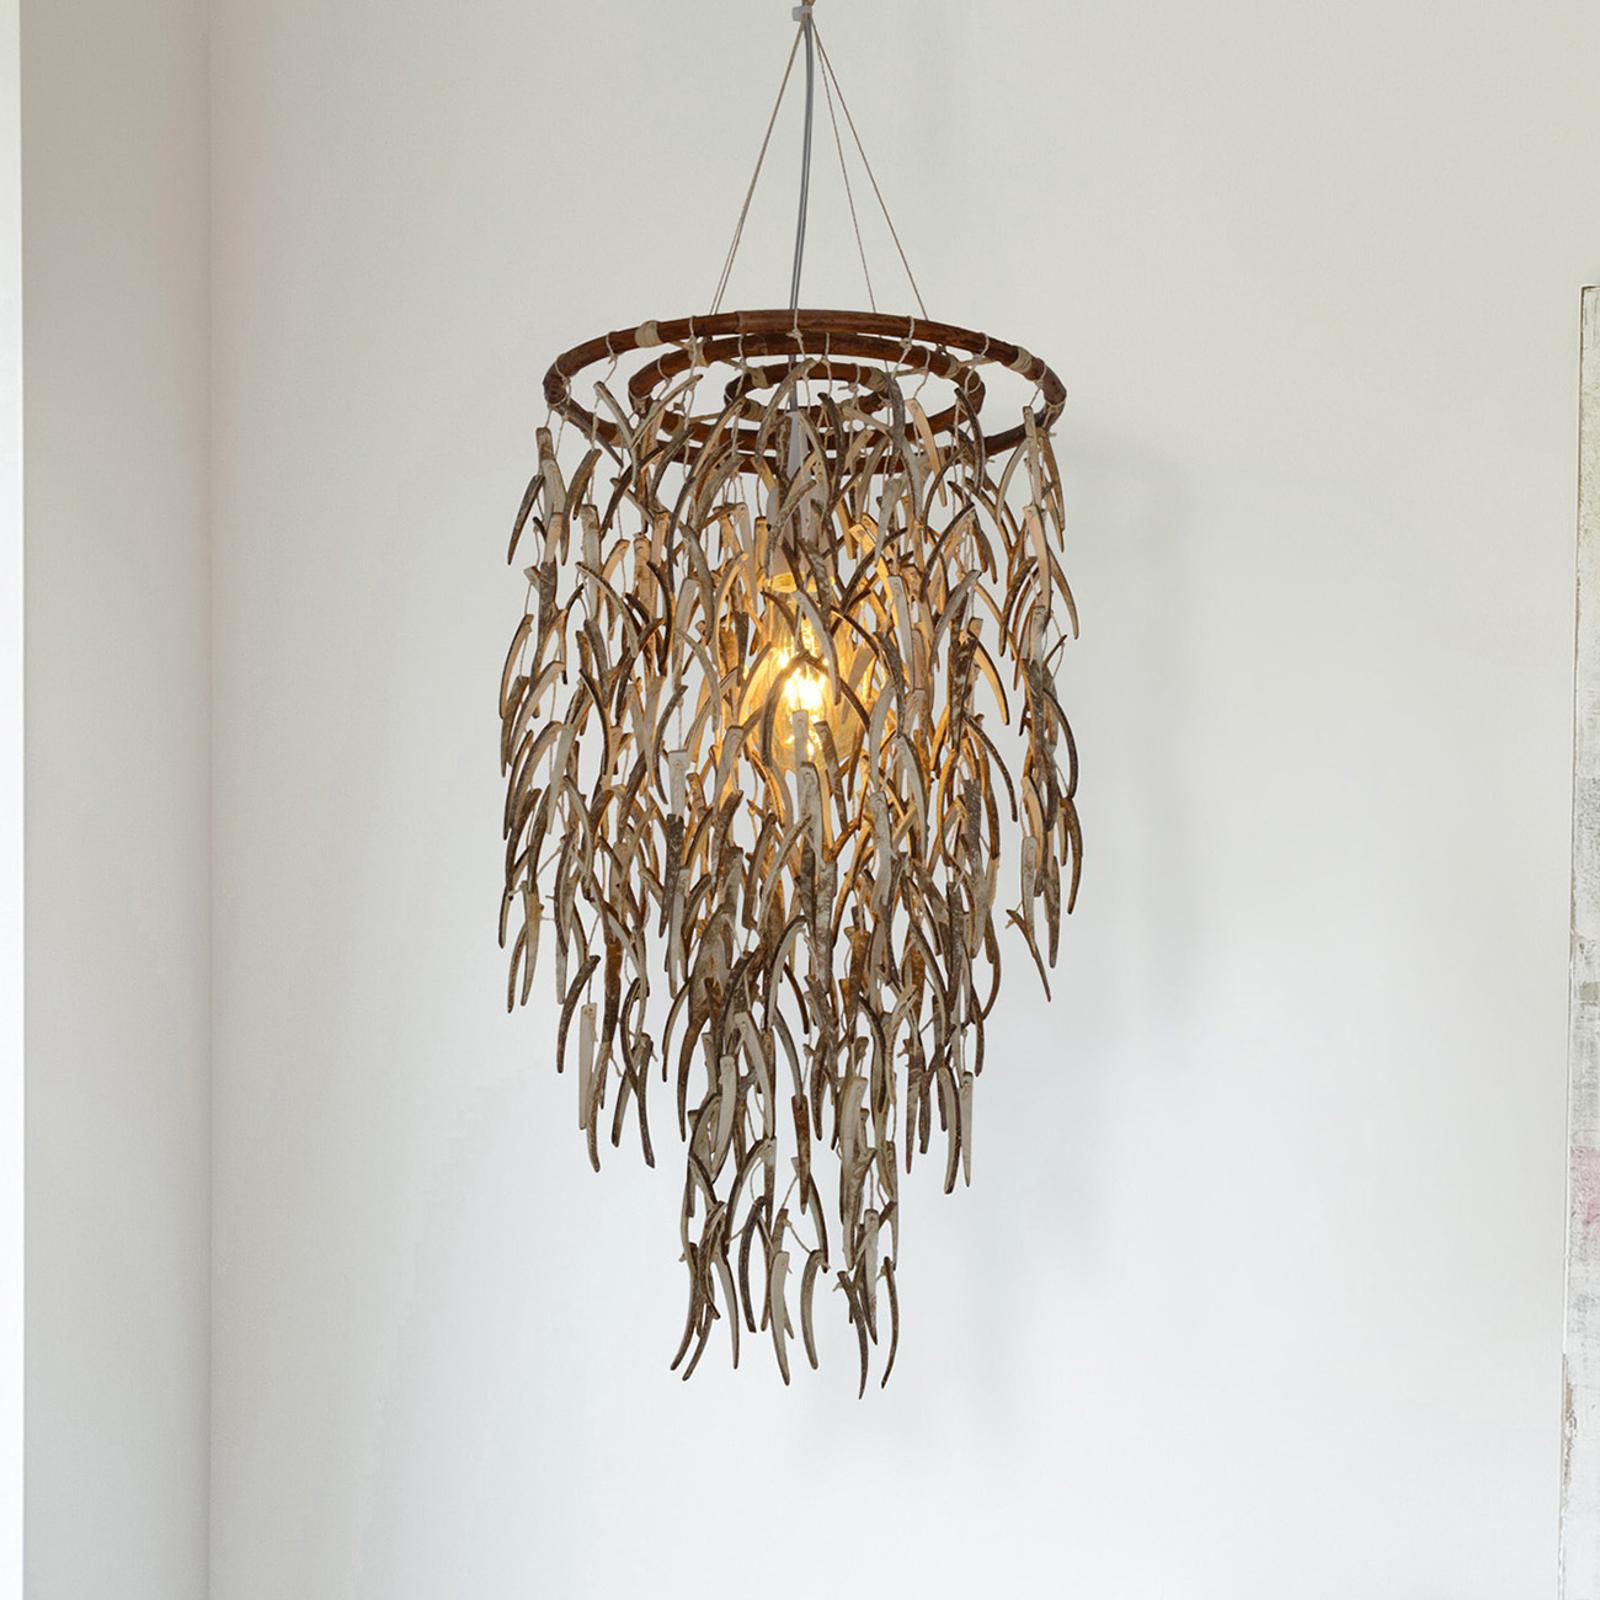 Riippuvalaisin Kokos, luonnonmateriaalia, 50 cm